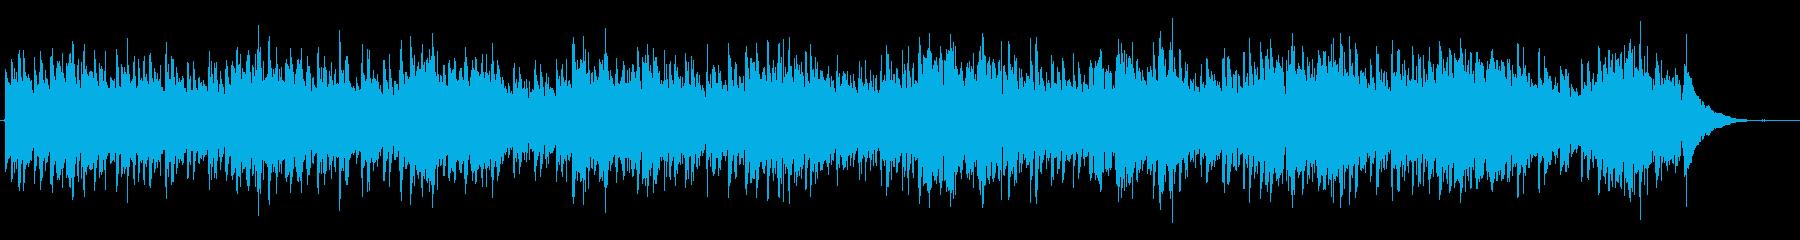 カントリー調の爽やかなアコギの再生済みの波形